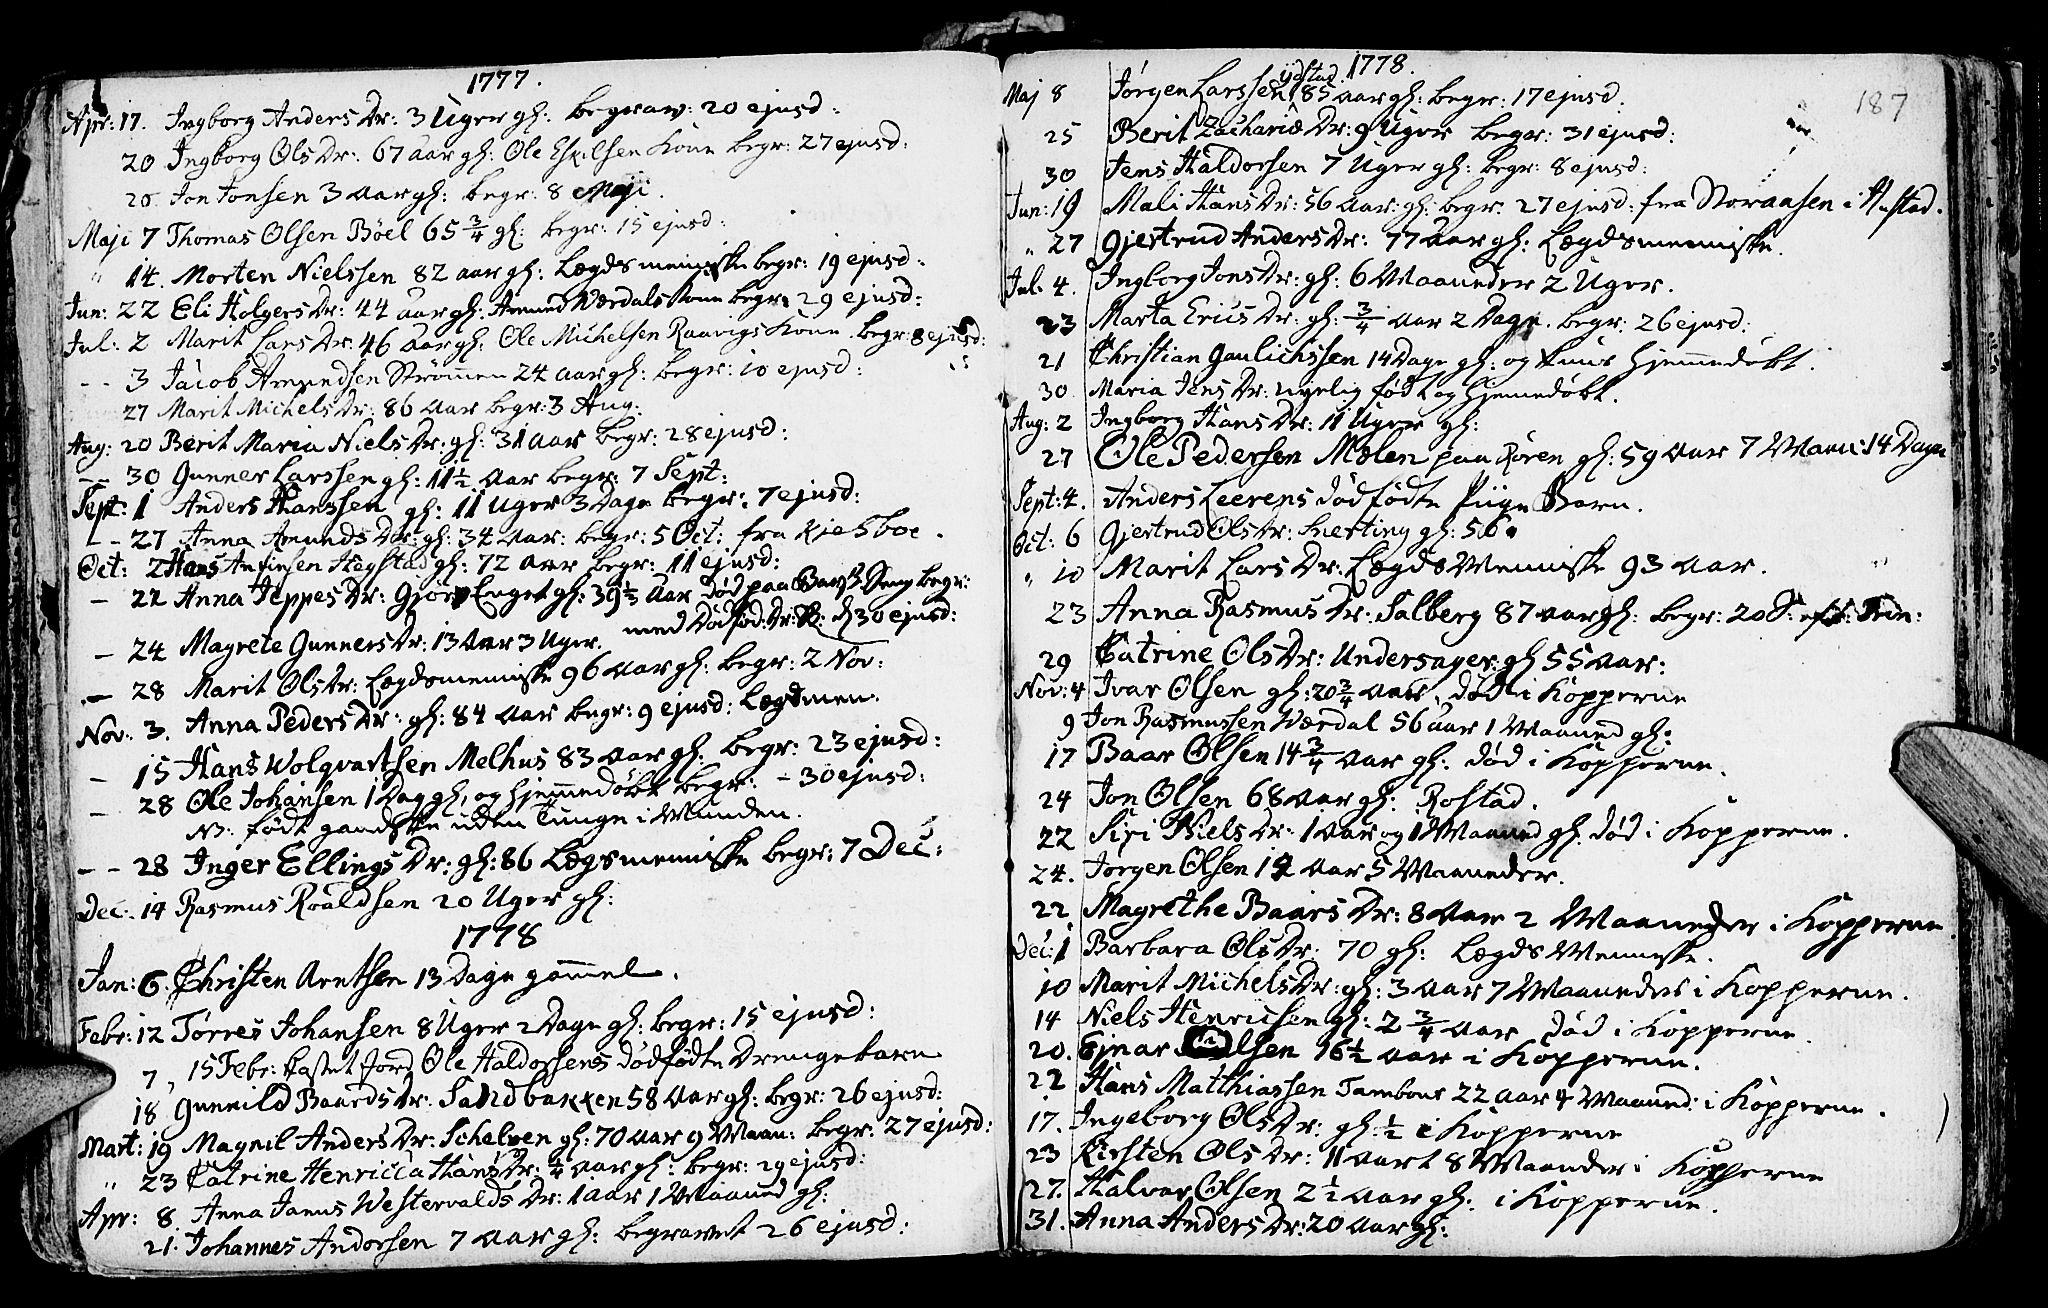 SAT, Ministerialprotokoller, klokkerbøker og fødselsregistre - Nord-Trøndelag, 730/L0273: Ministerialbok nr. 730A02, 1762-1802, s. 187